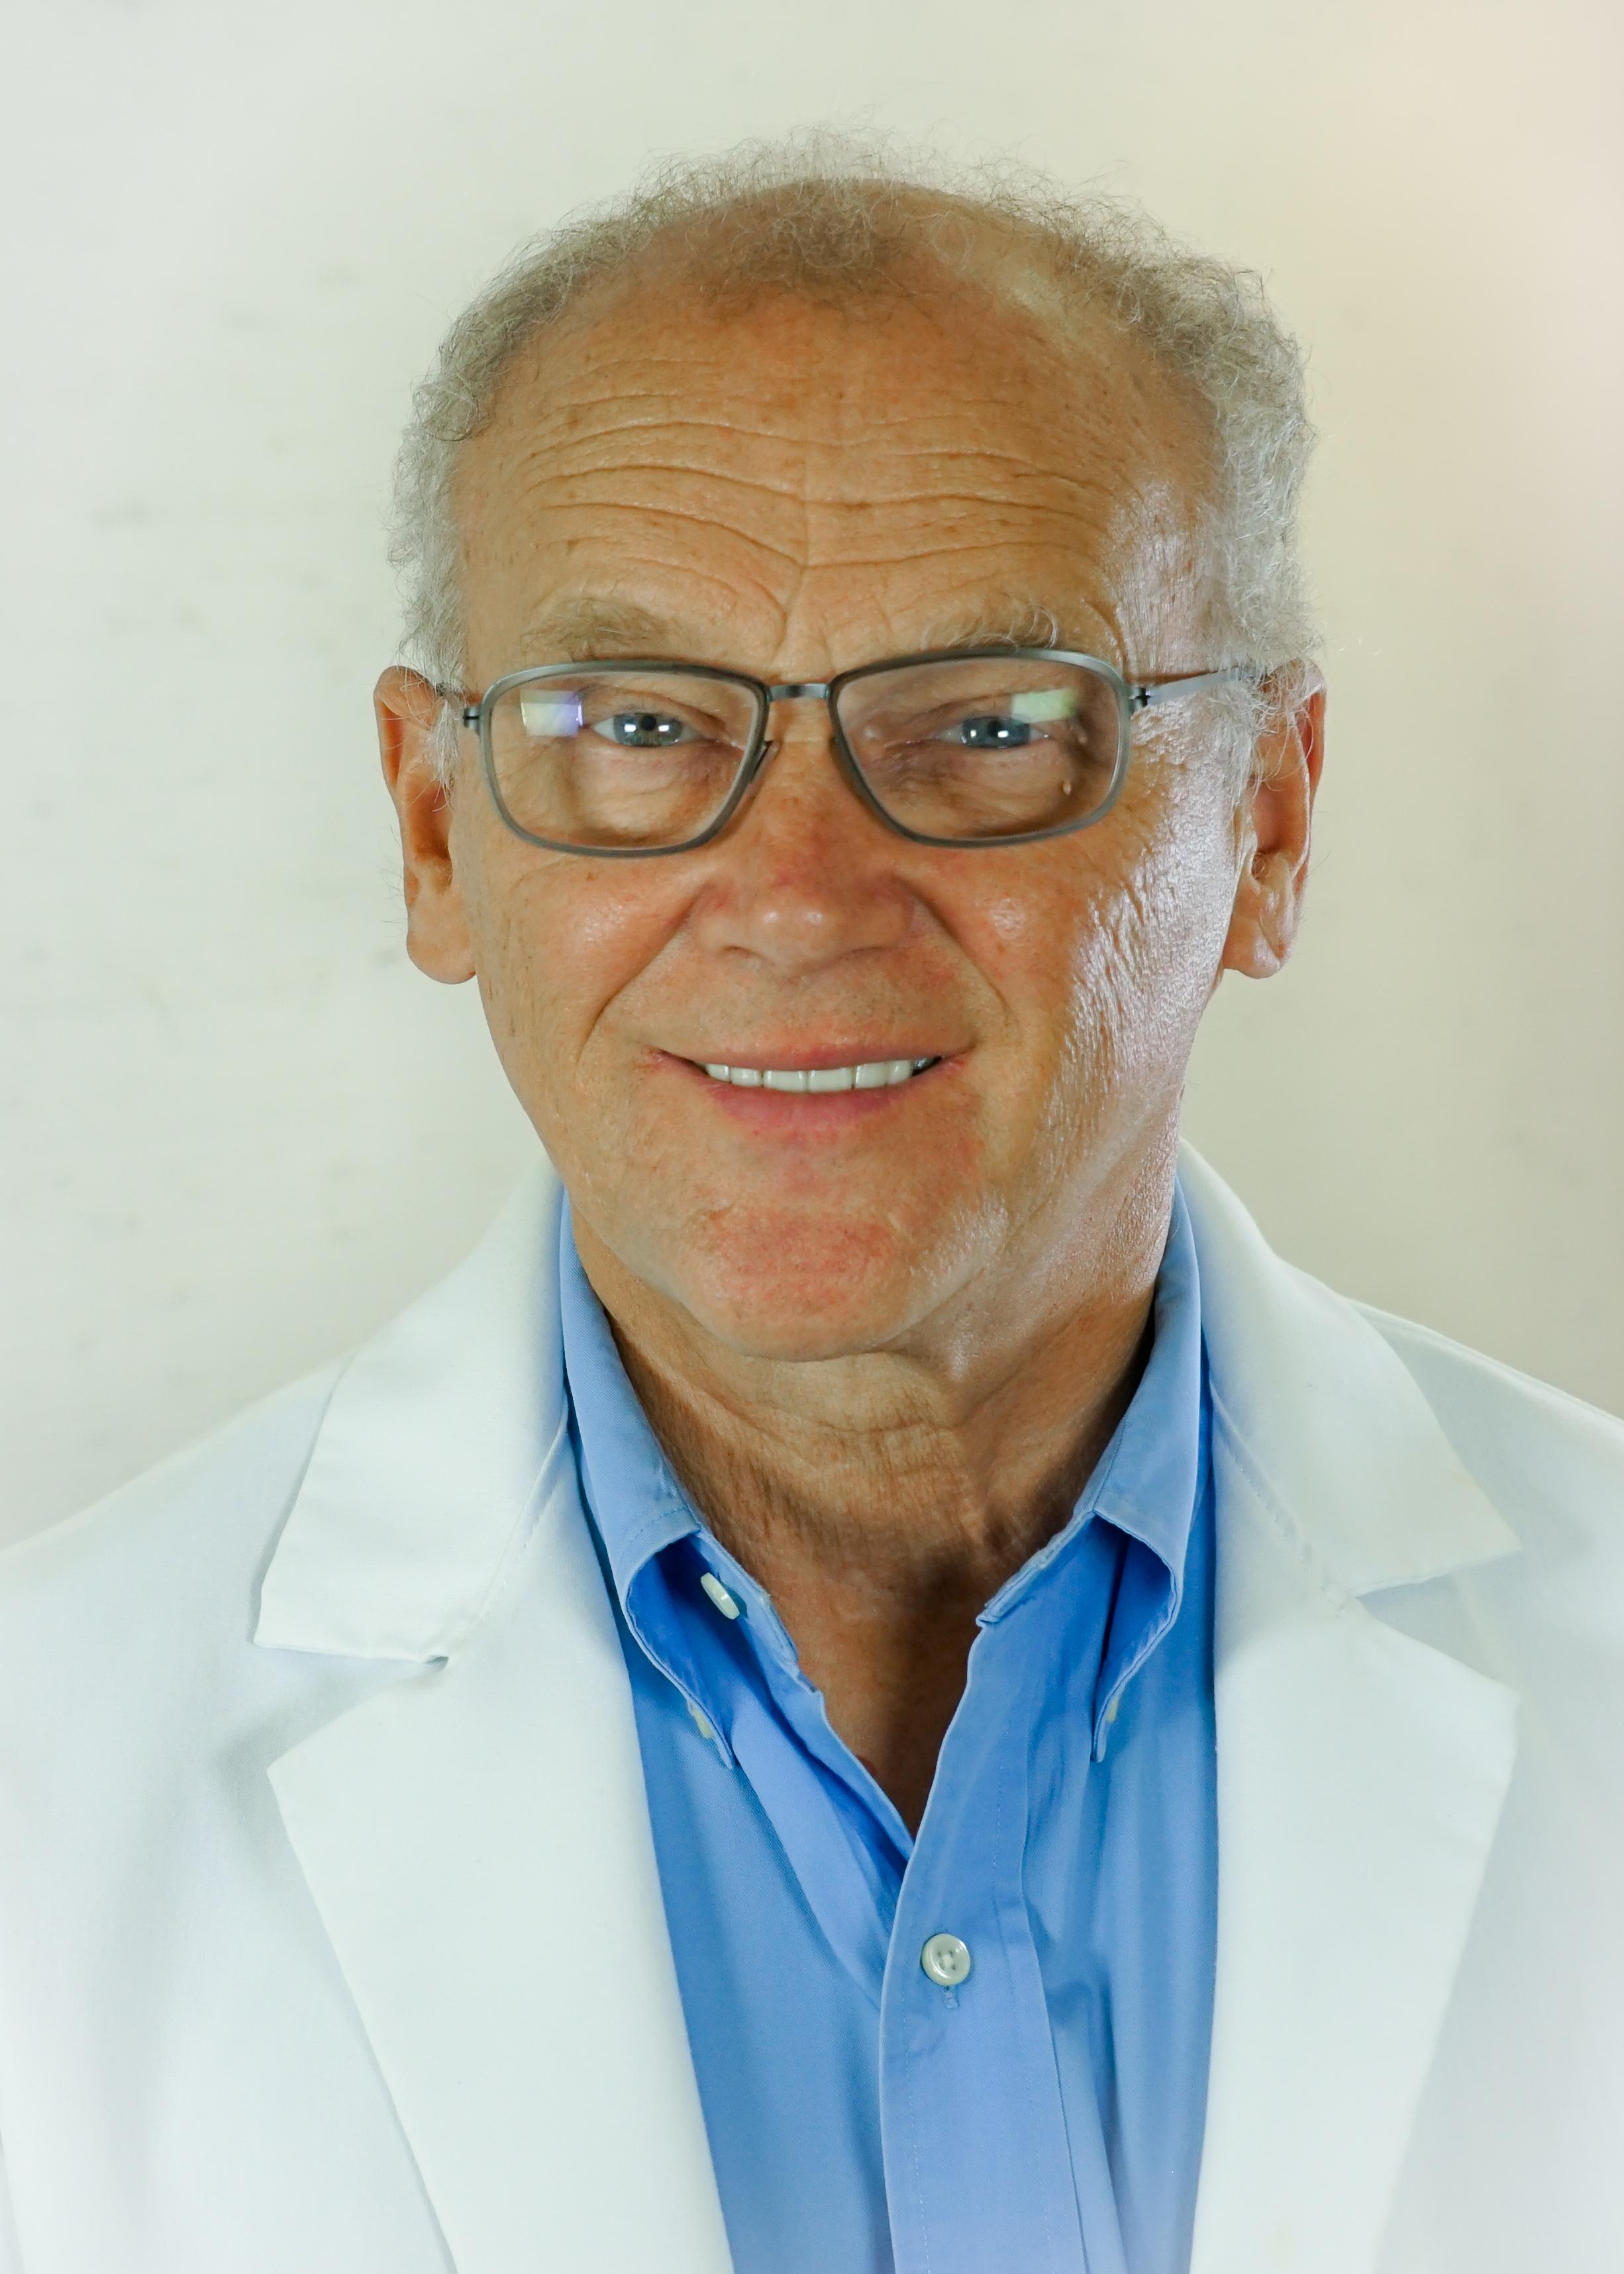 Meet the founder, Dr. Kadar